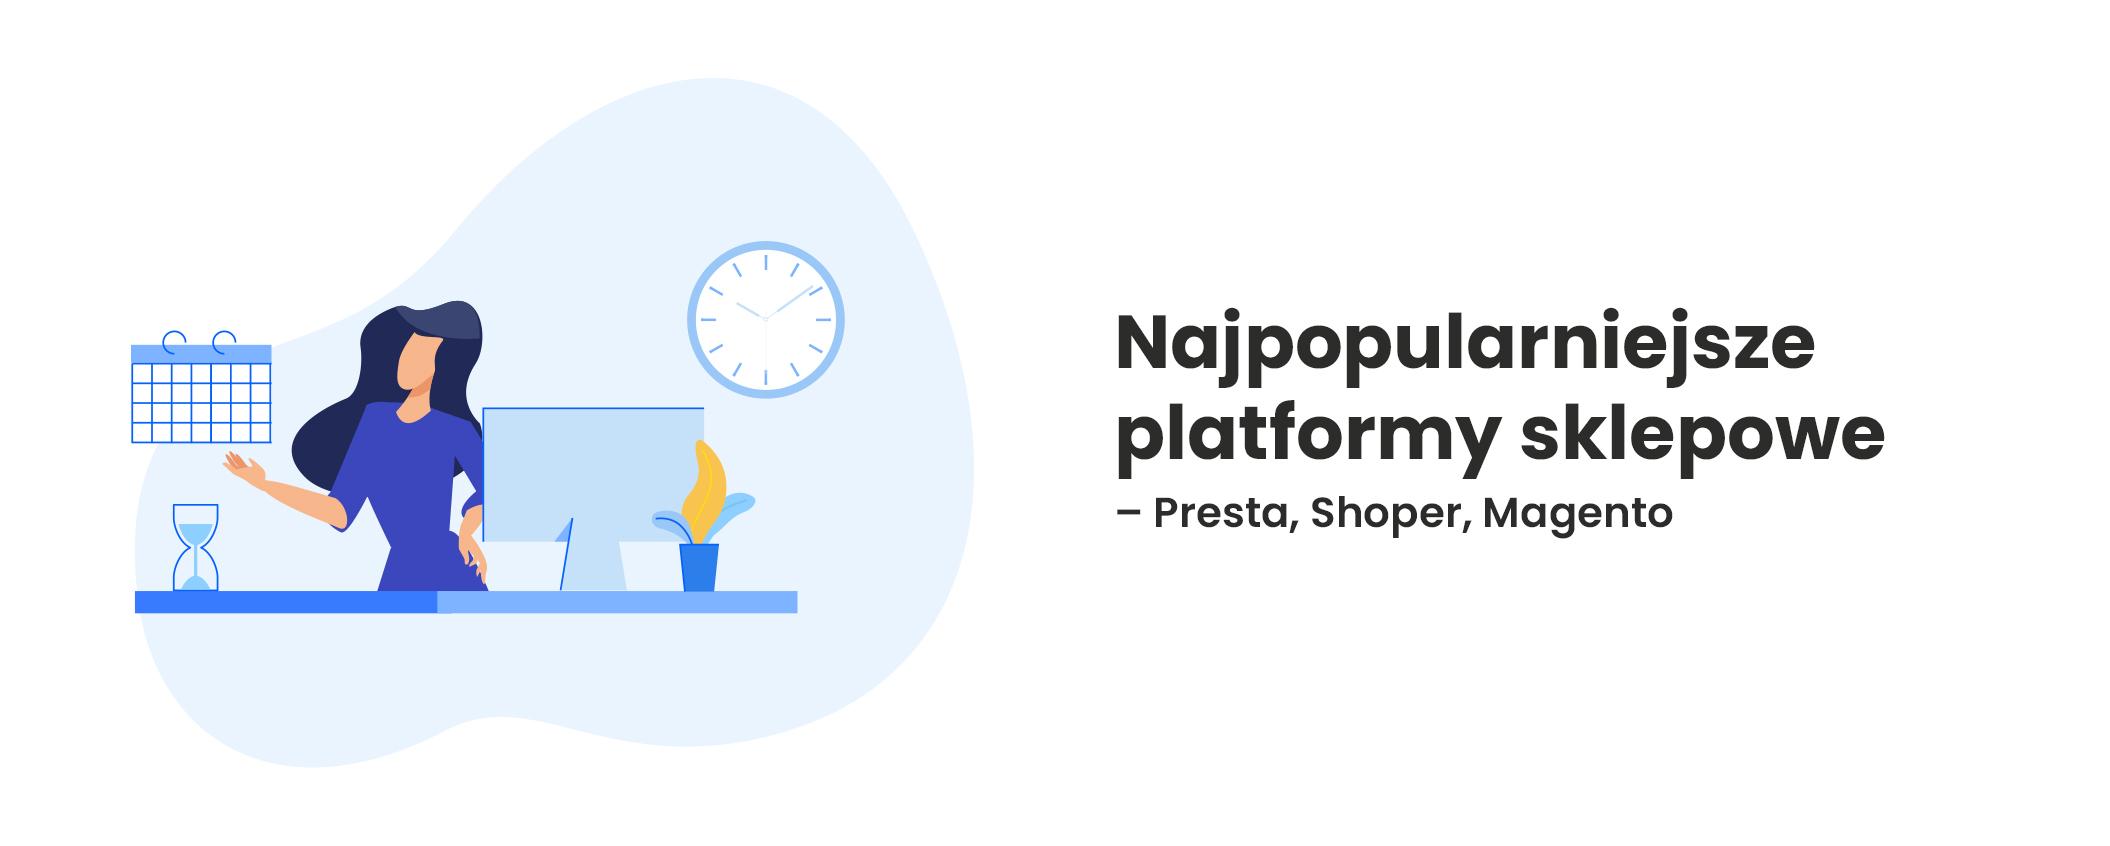 platformy sklepowe